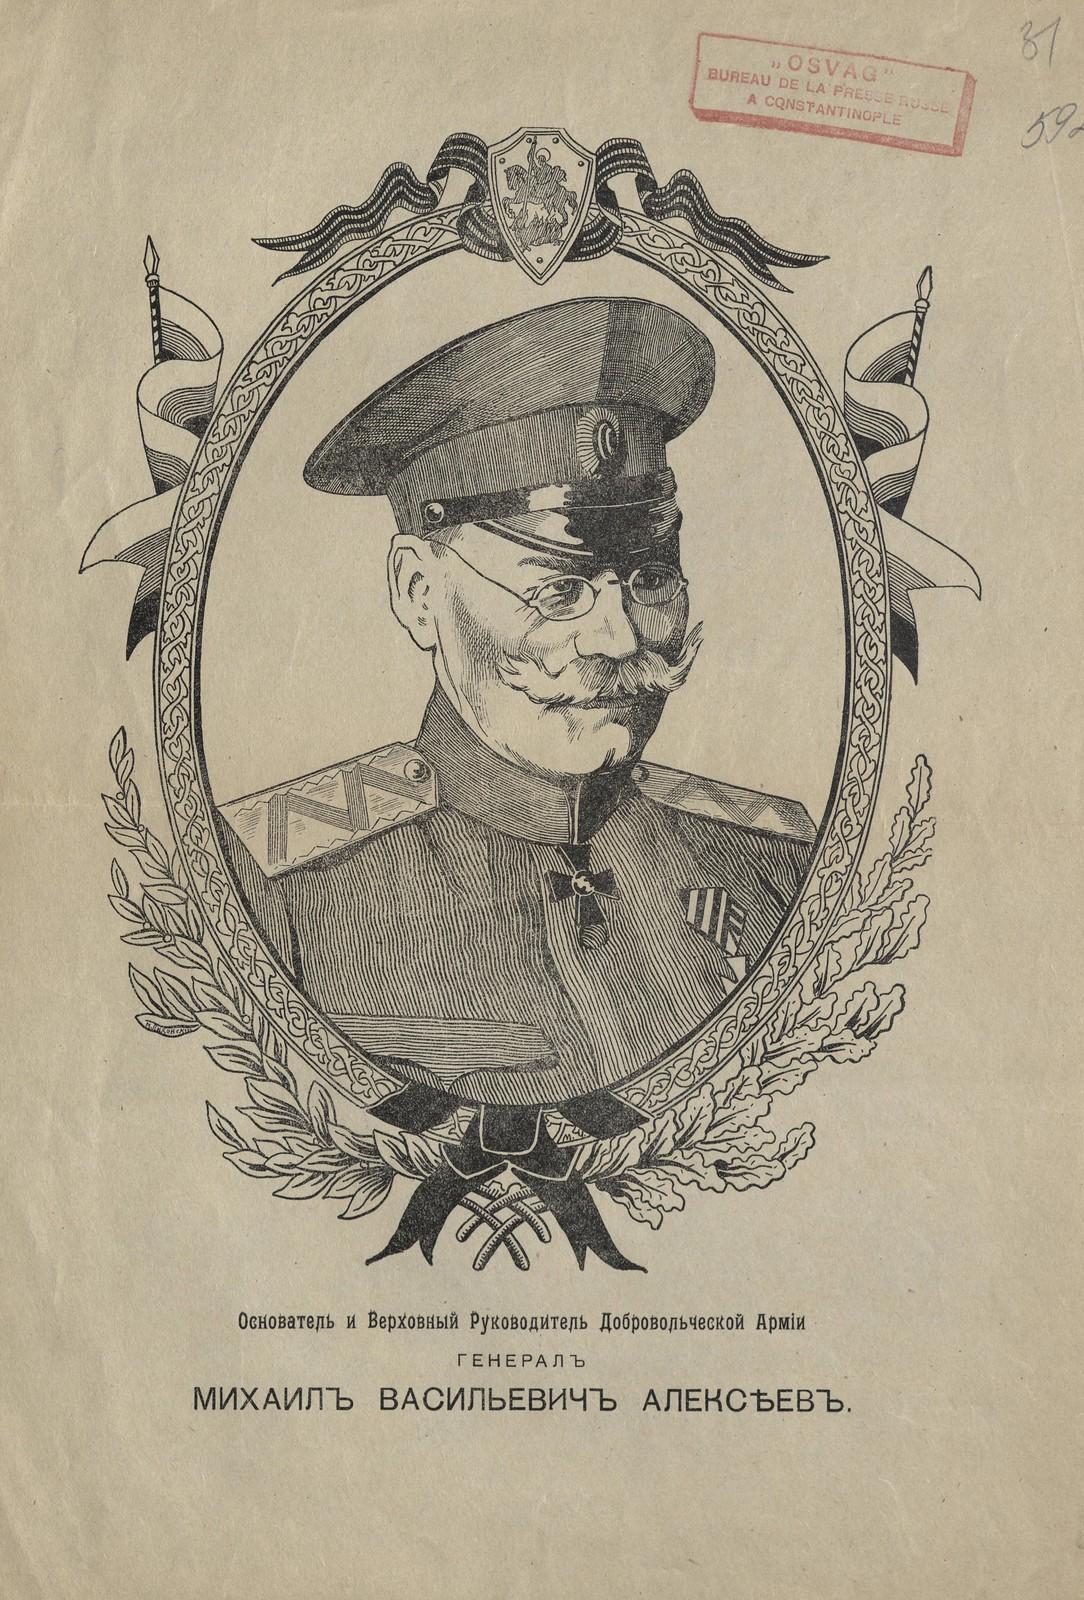 503. Генерал Михаил Васильевич Алексеев